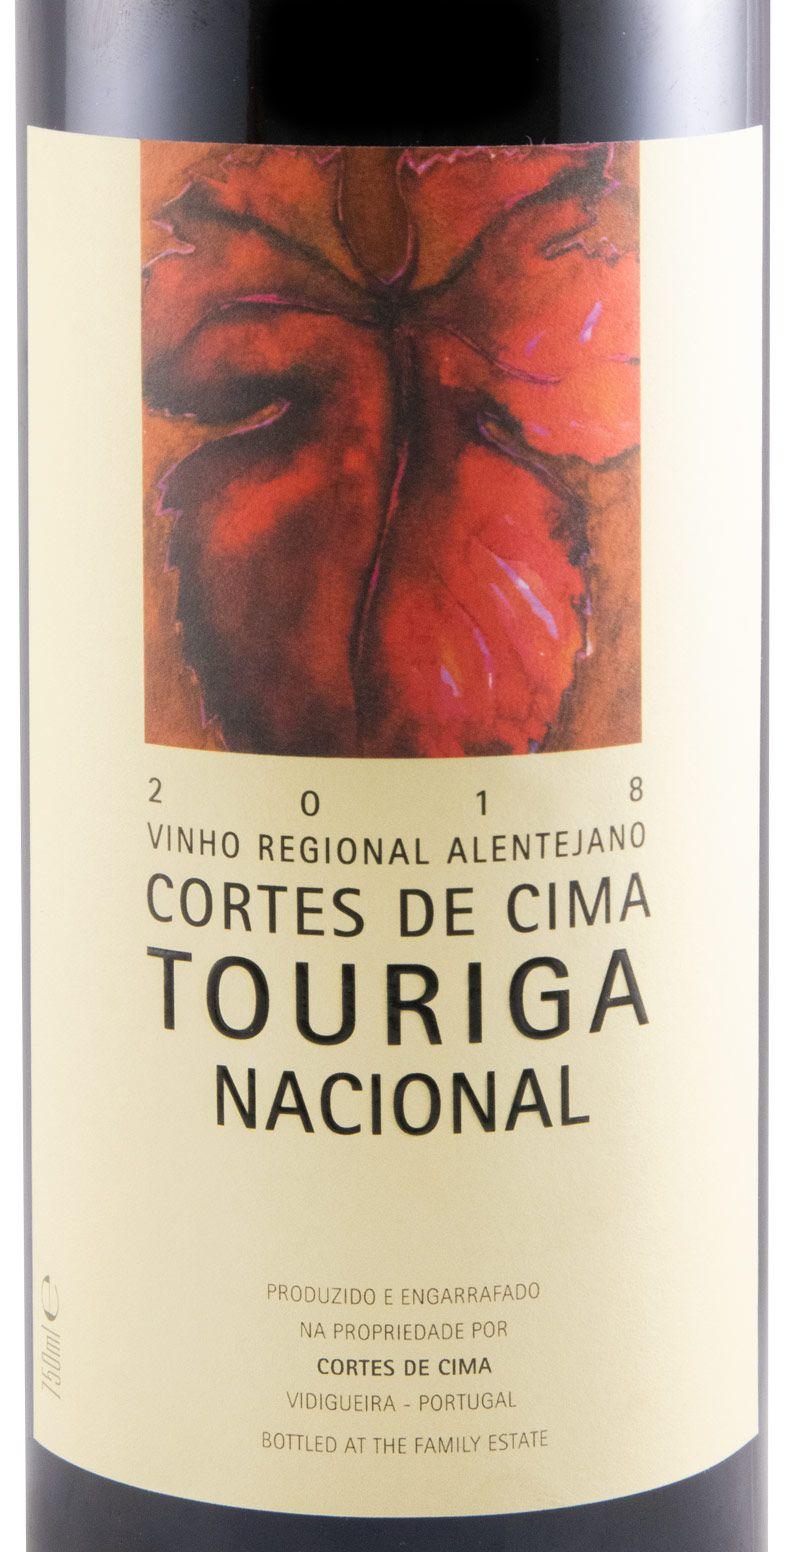 2018 Cortes de Cima Touriga Nacional tinto